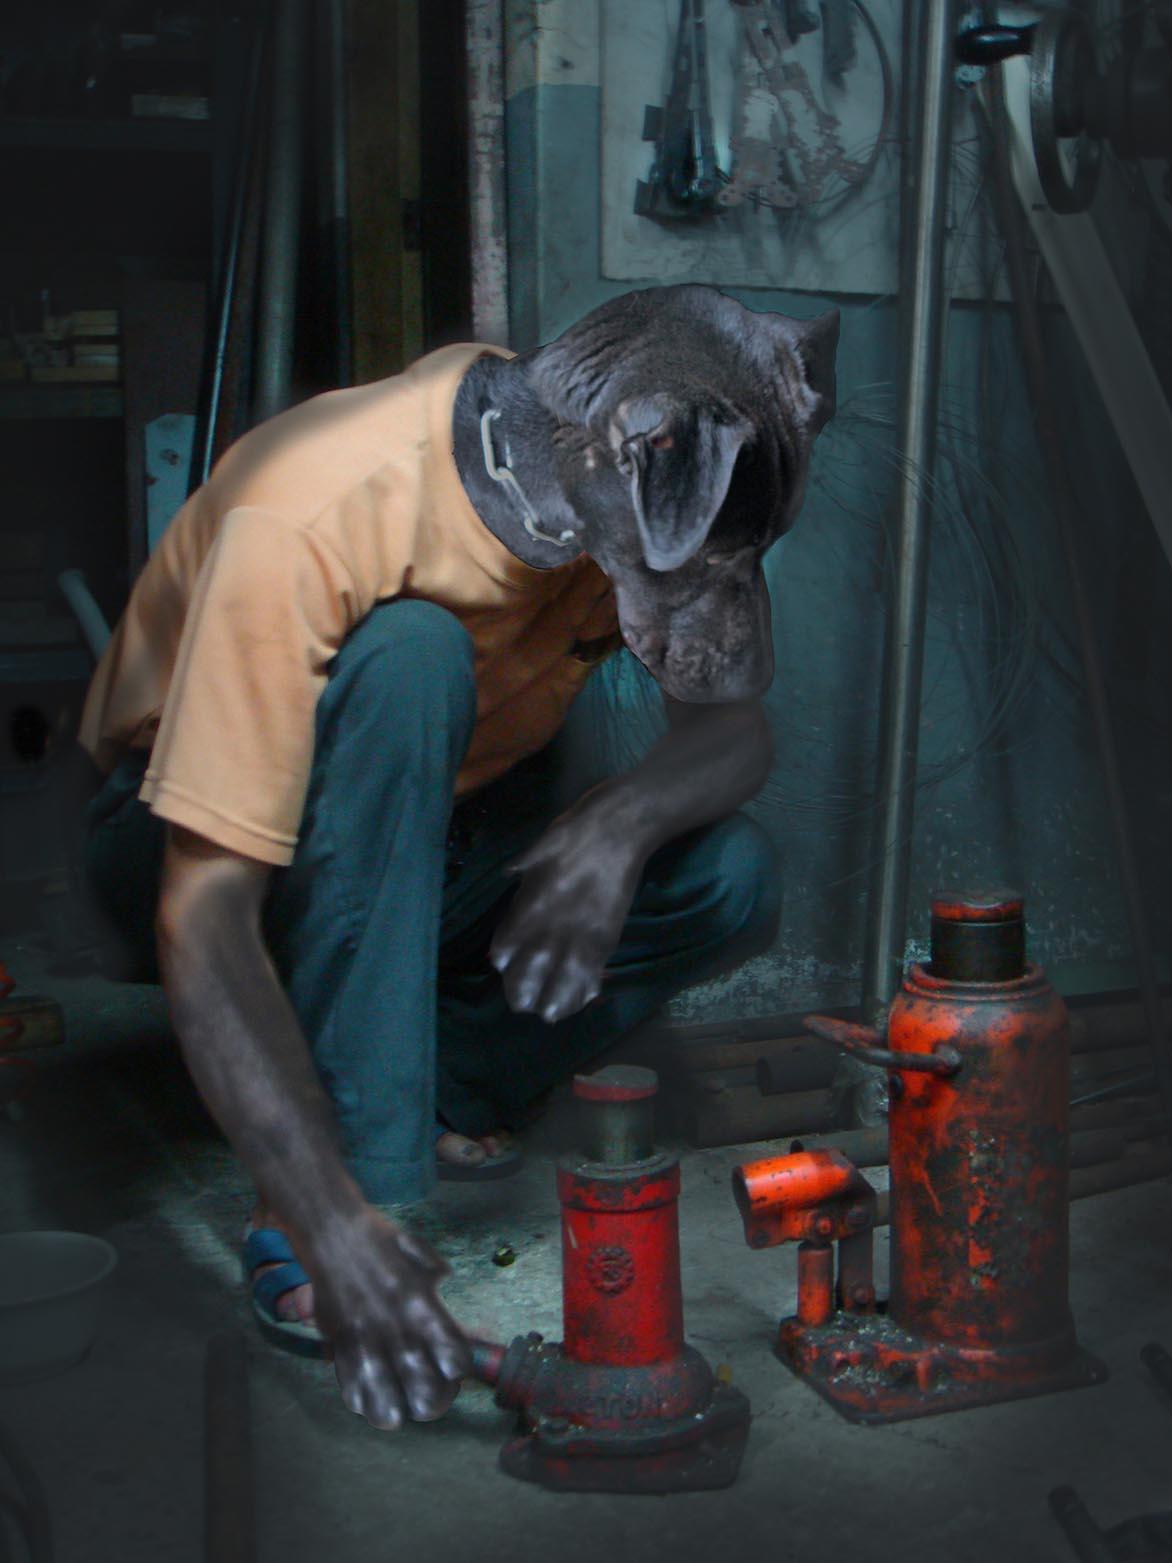 陳依純 小黑在工廠中的一輩子 有聲彩色錄像